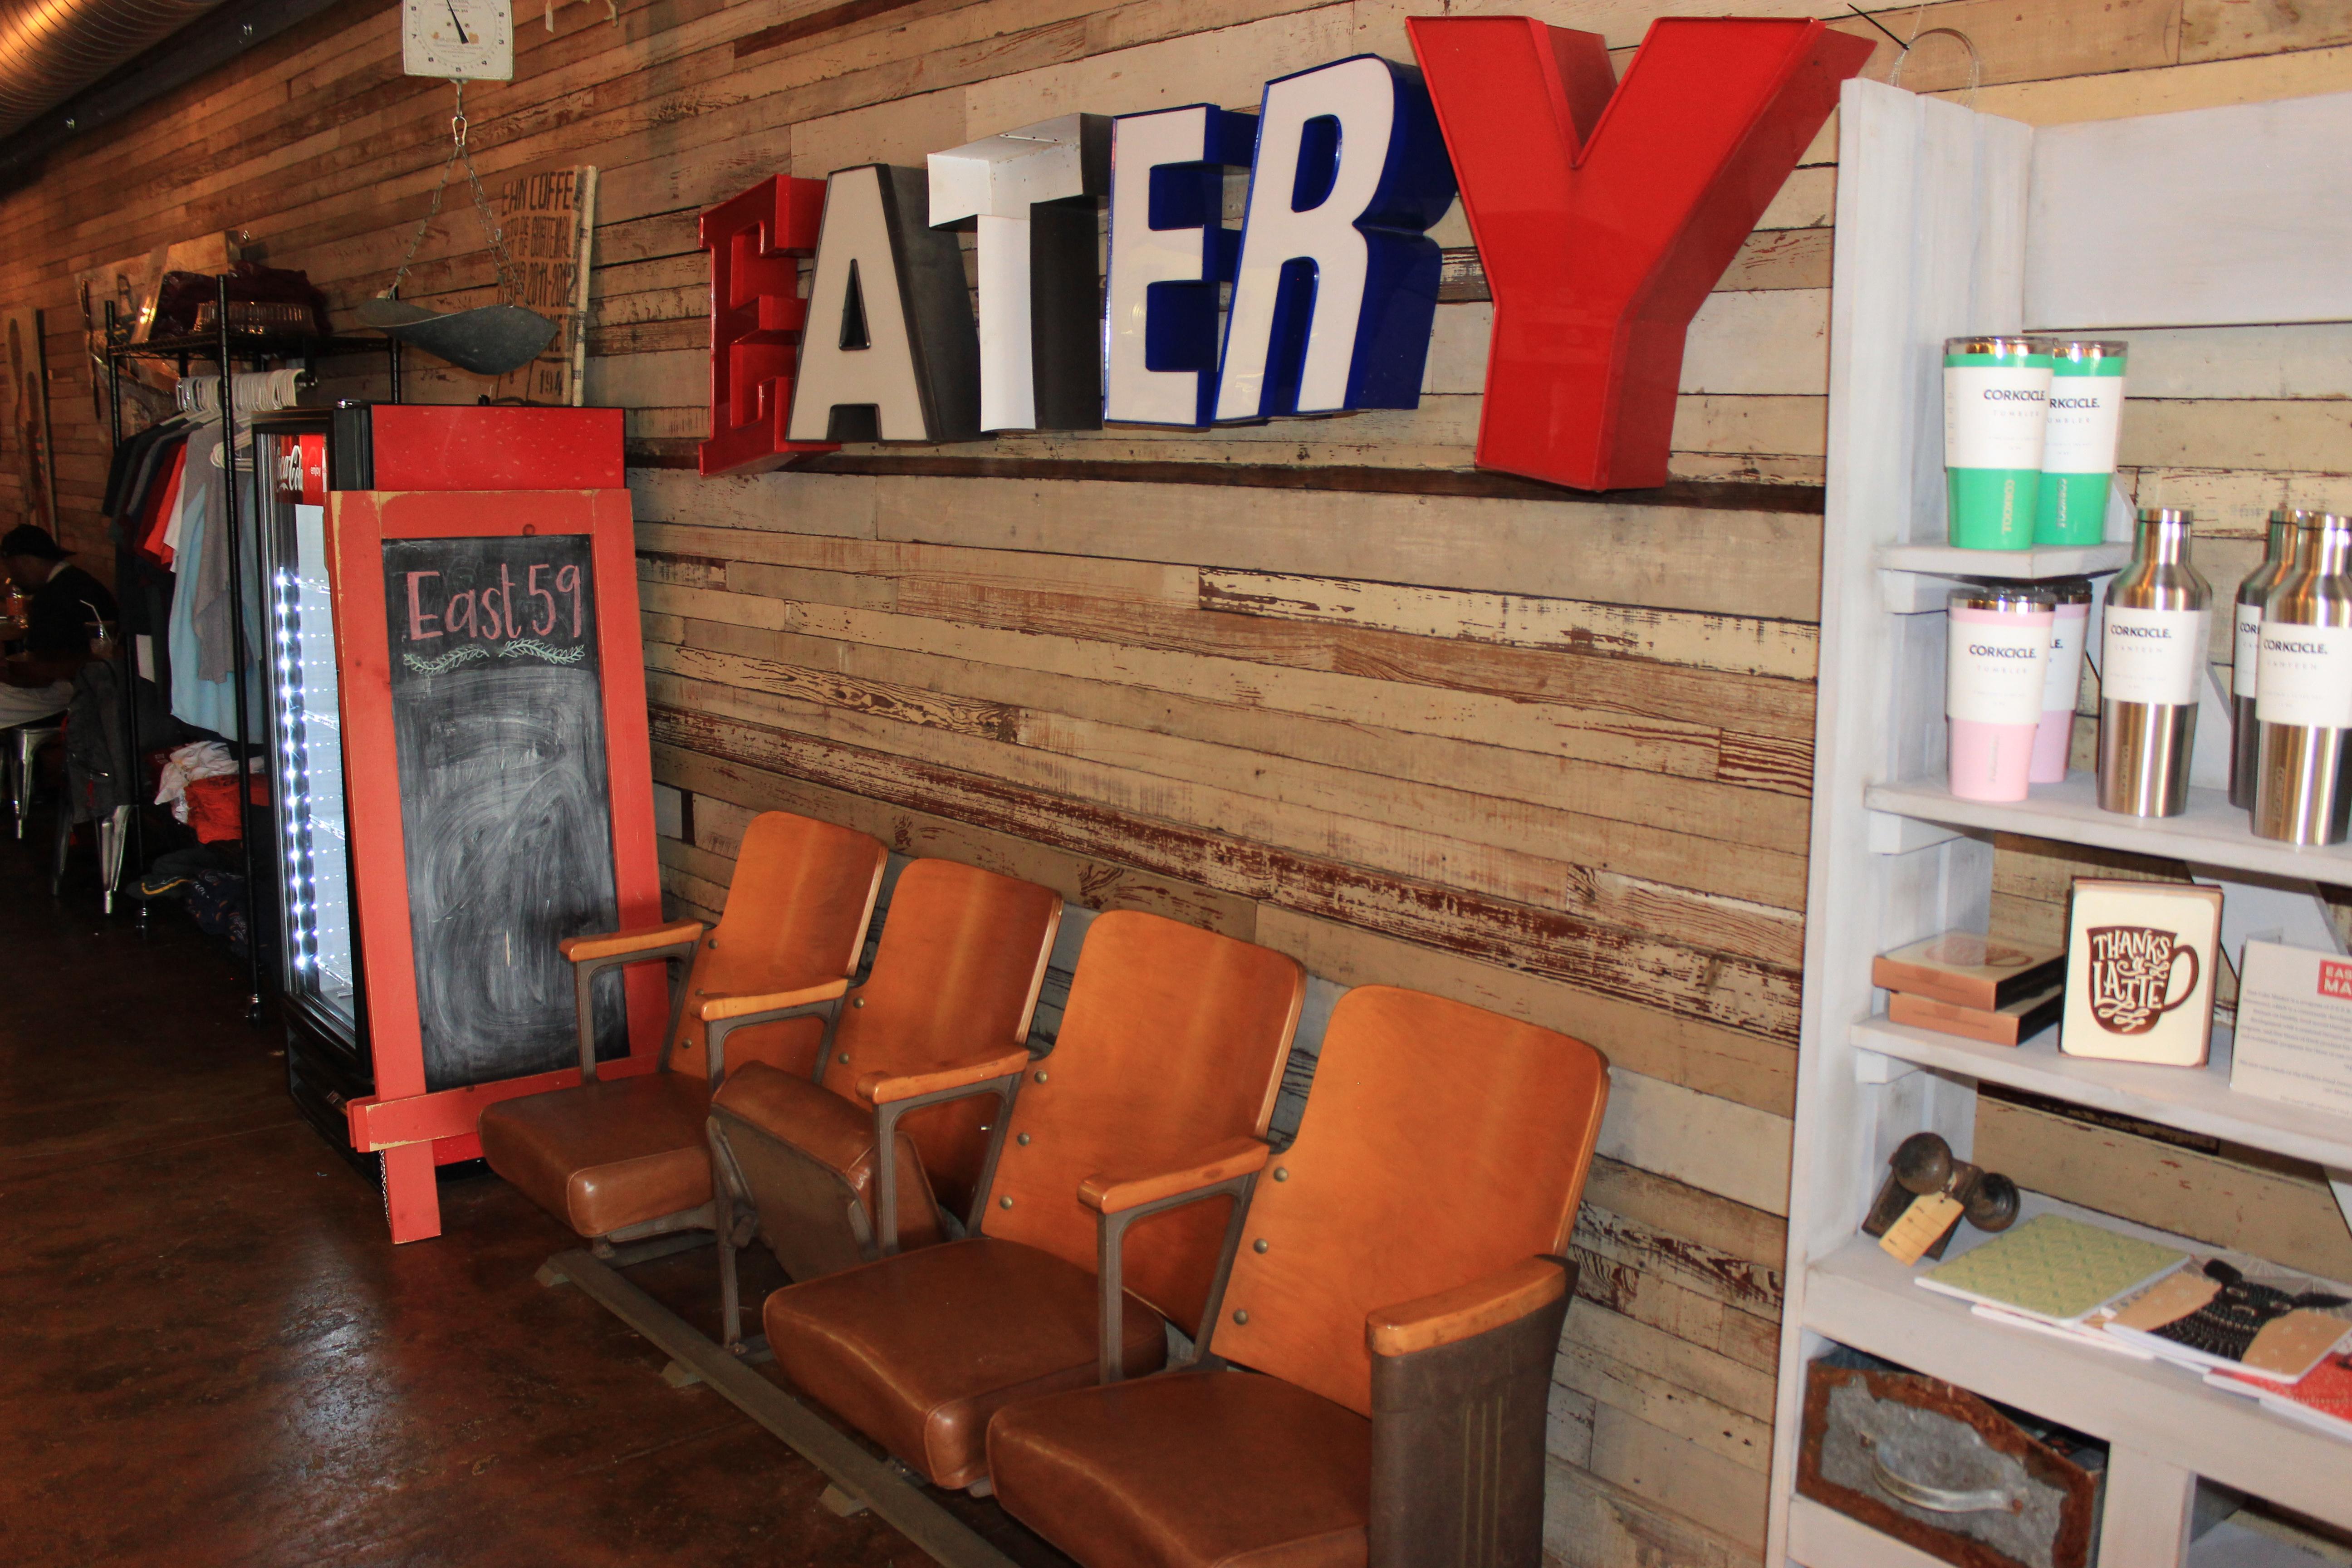 East59-Vintage-Cafe-Eastlake-Oohlalablog-2